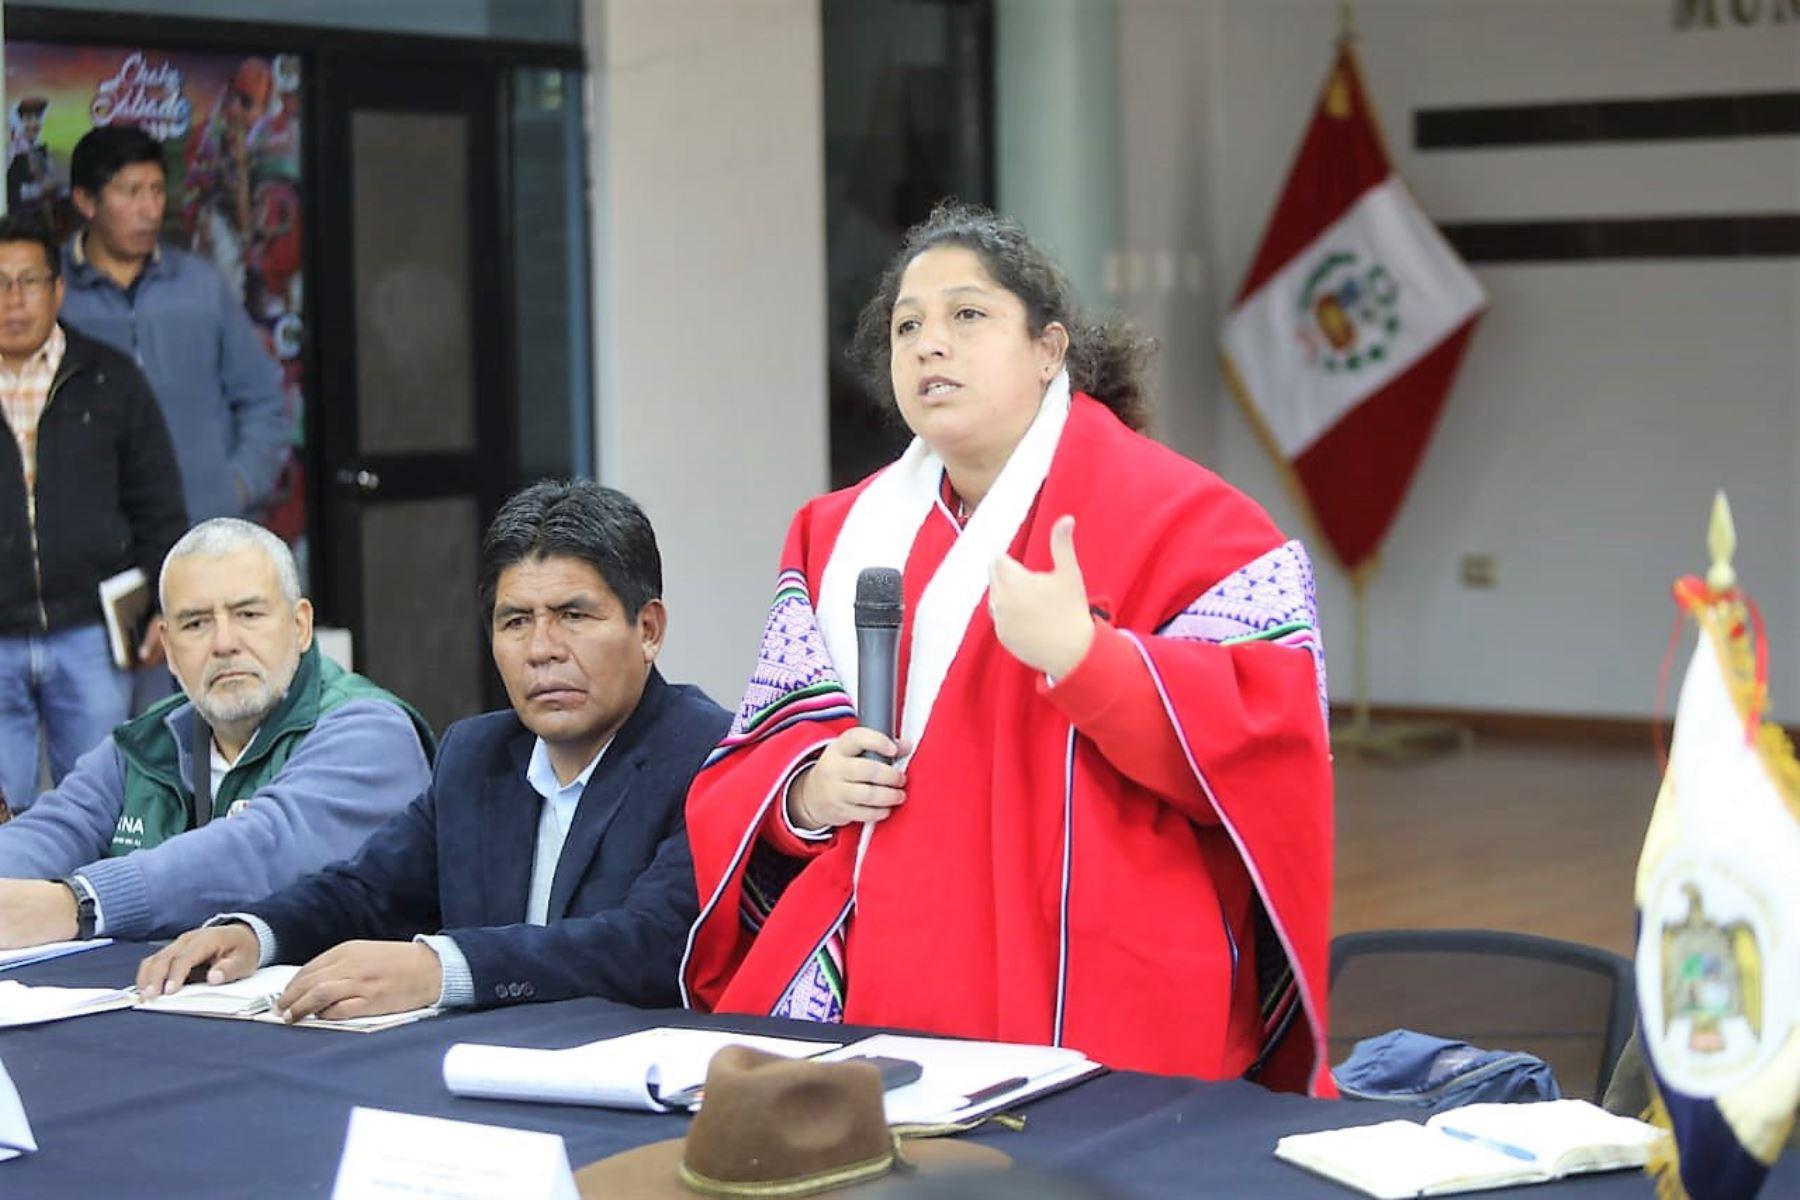 Ministra Fabiola Muñoz destacó los acuerdos logrados  hoy en el grupo de trabajo de inversión y desarrollo en Espinar.